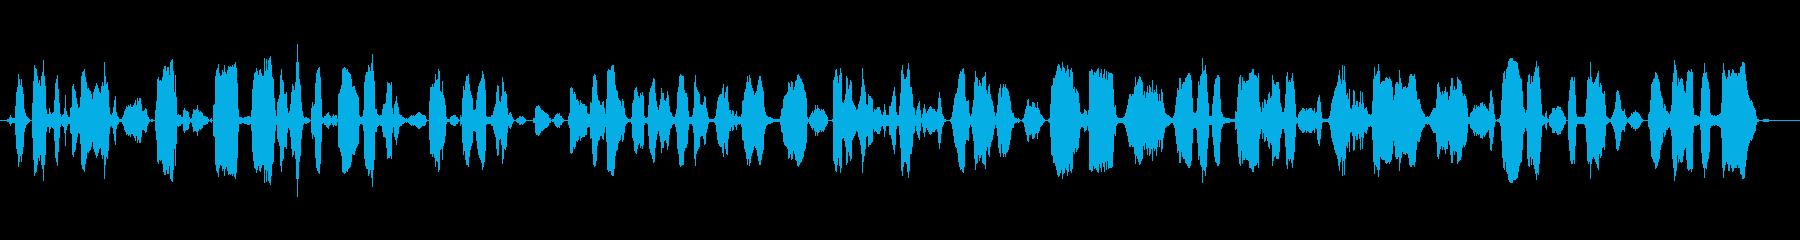 成人女性:嘆願するパニック叫びの再生済みの波形